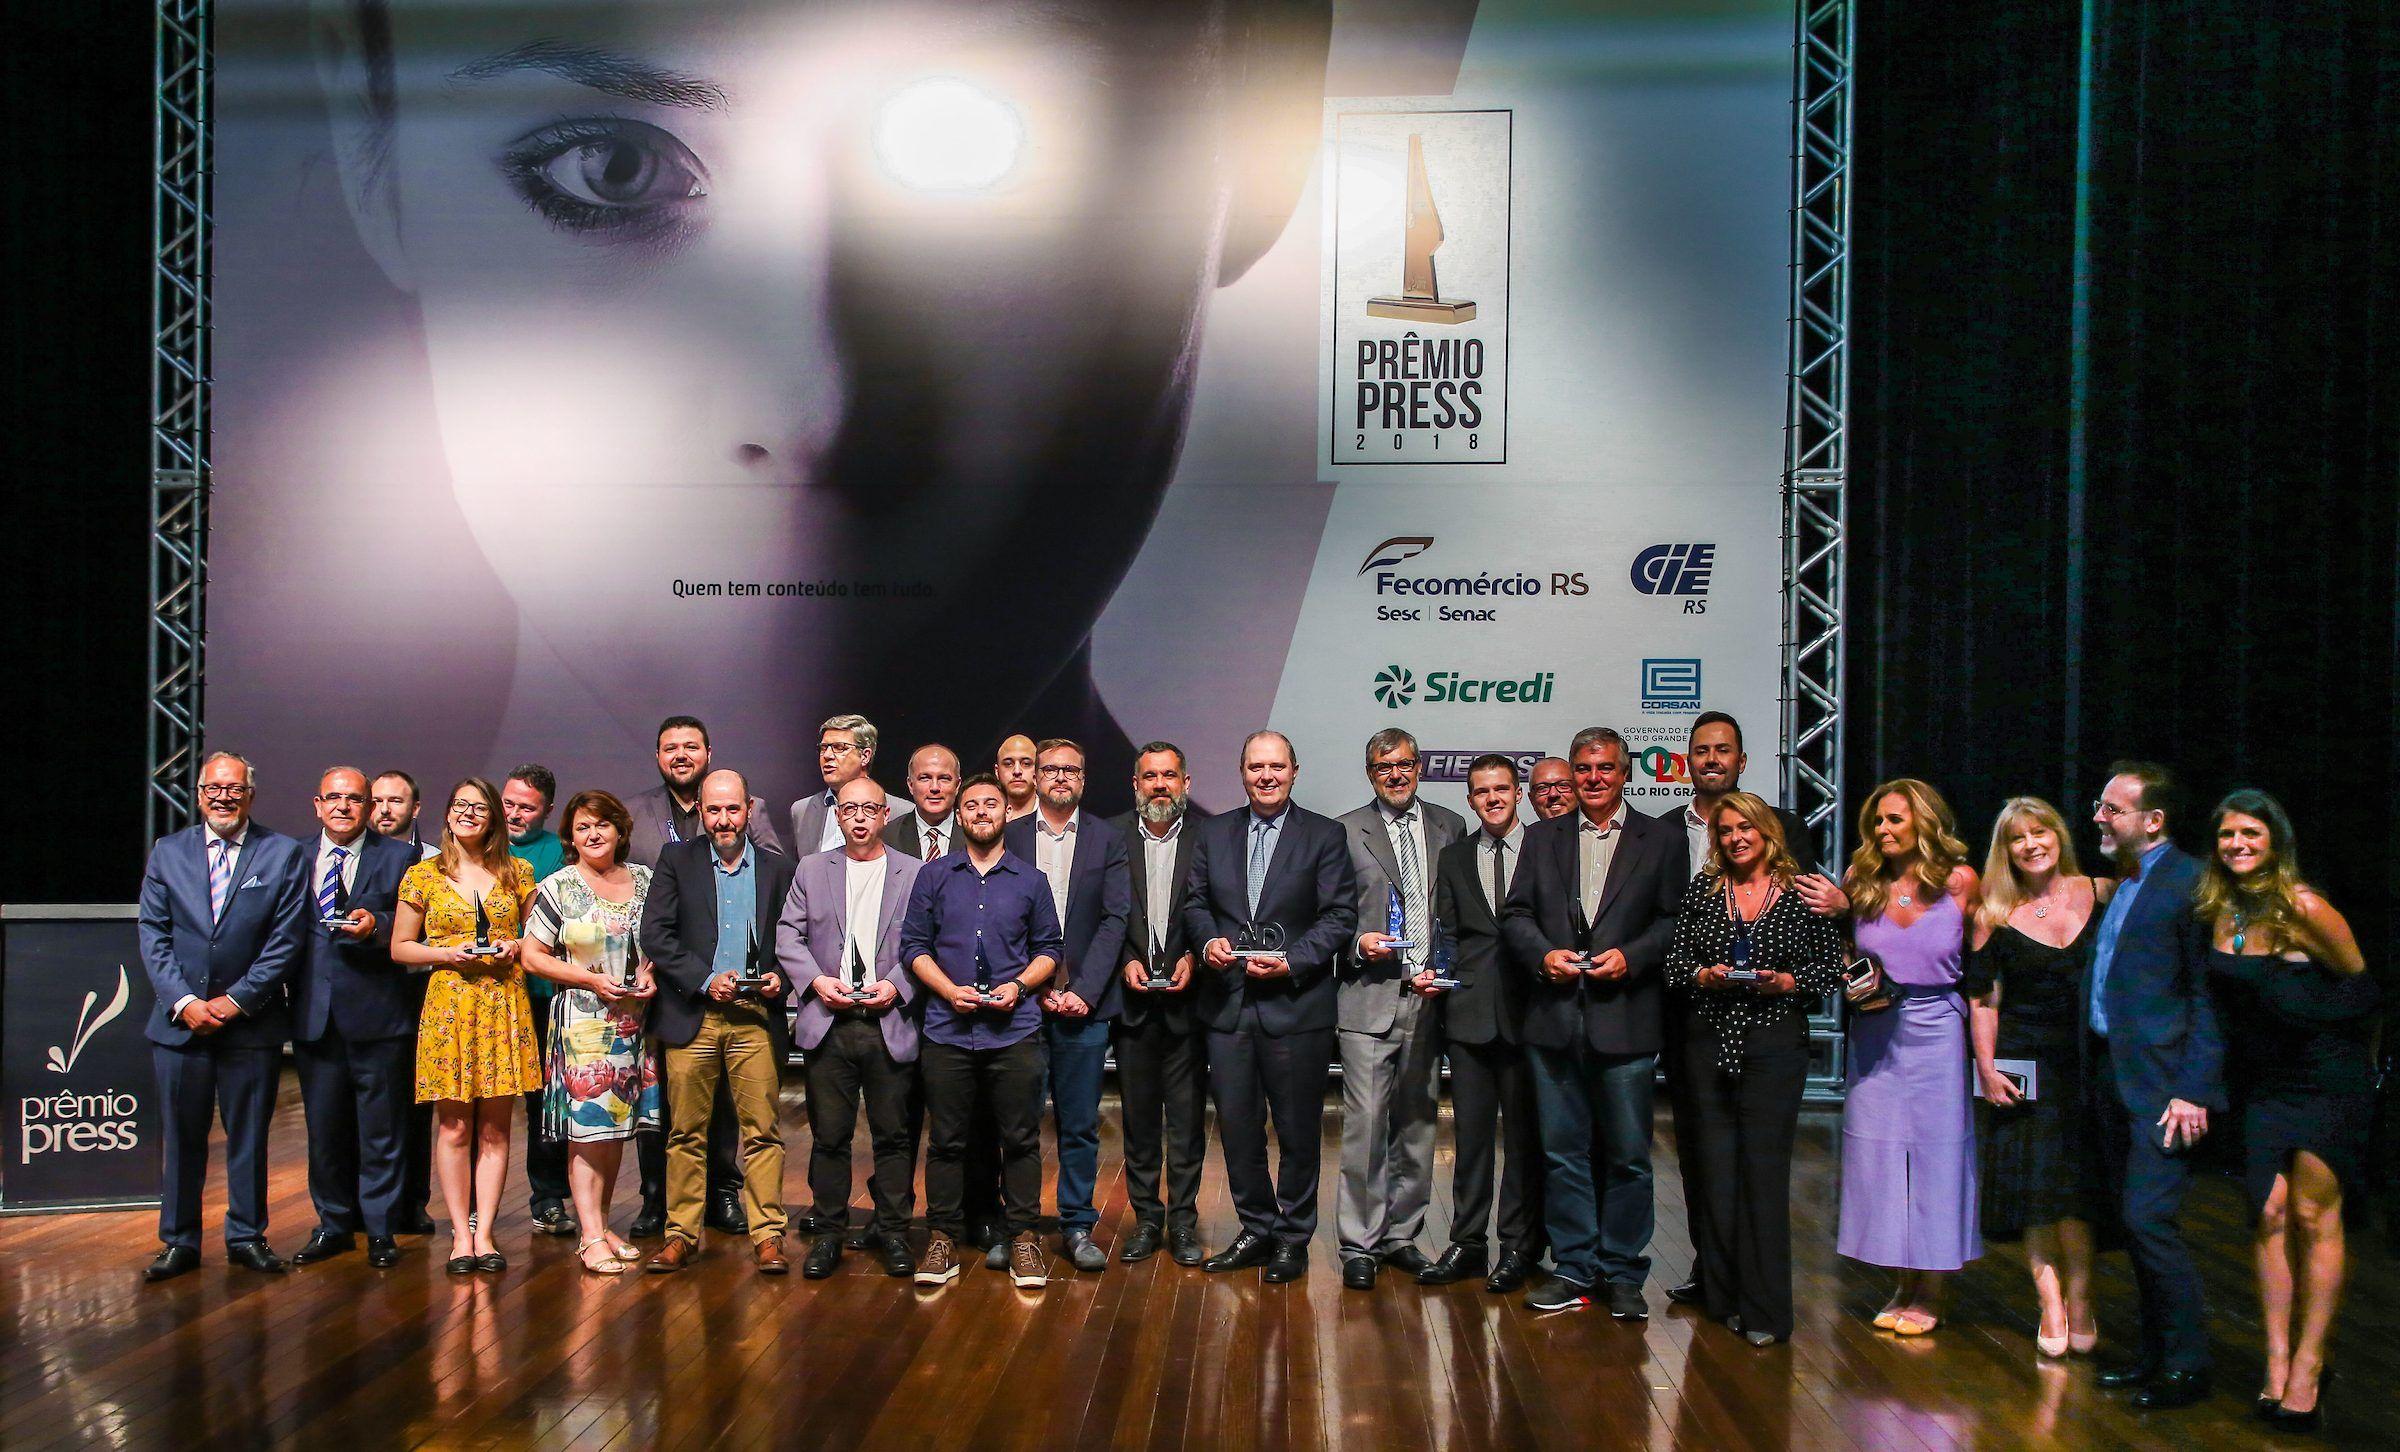 Band RS conquista seis categorias do Prêmio Press 2018